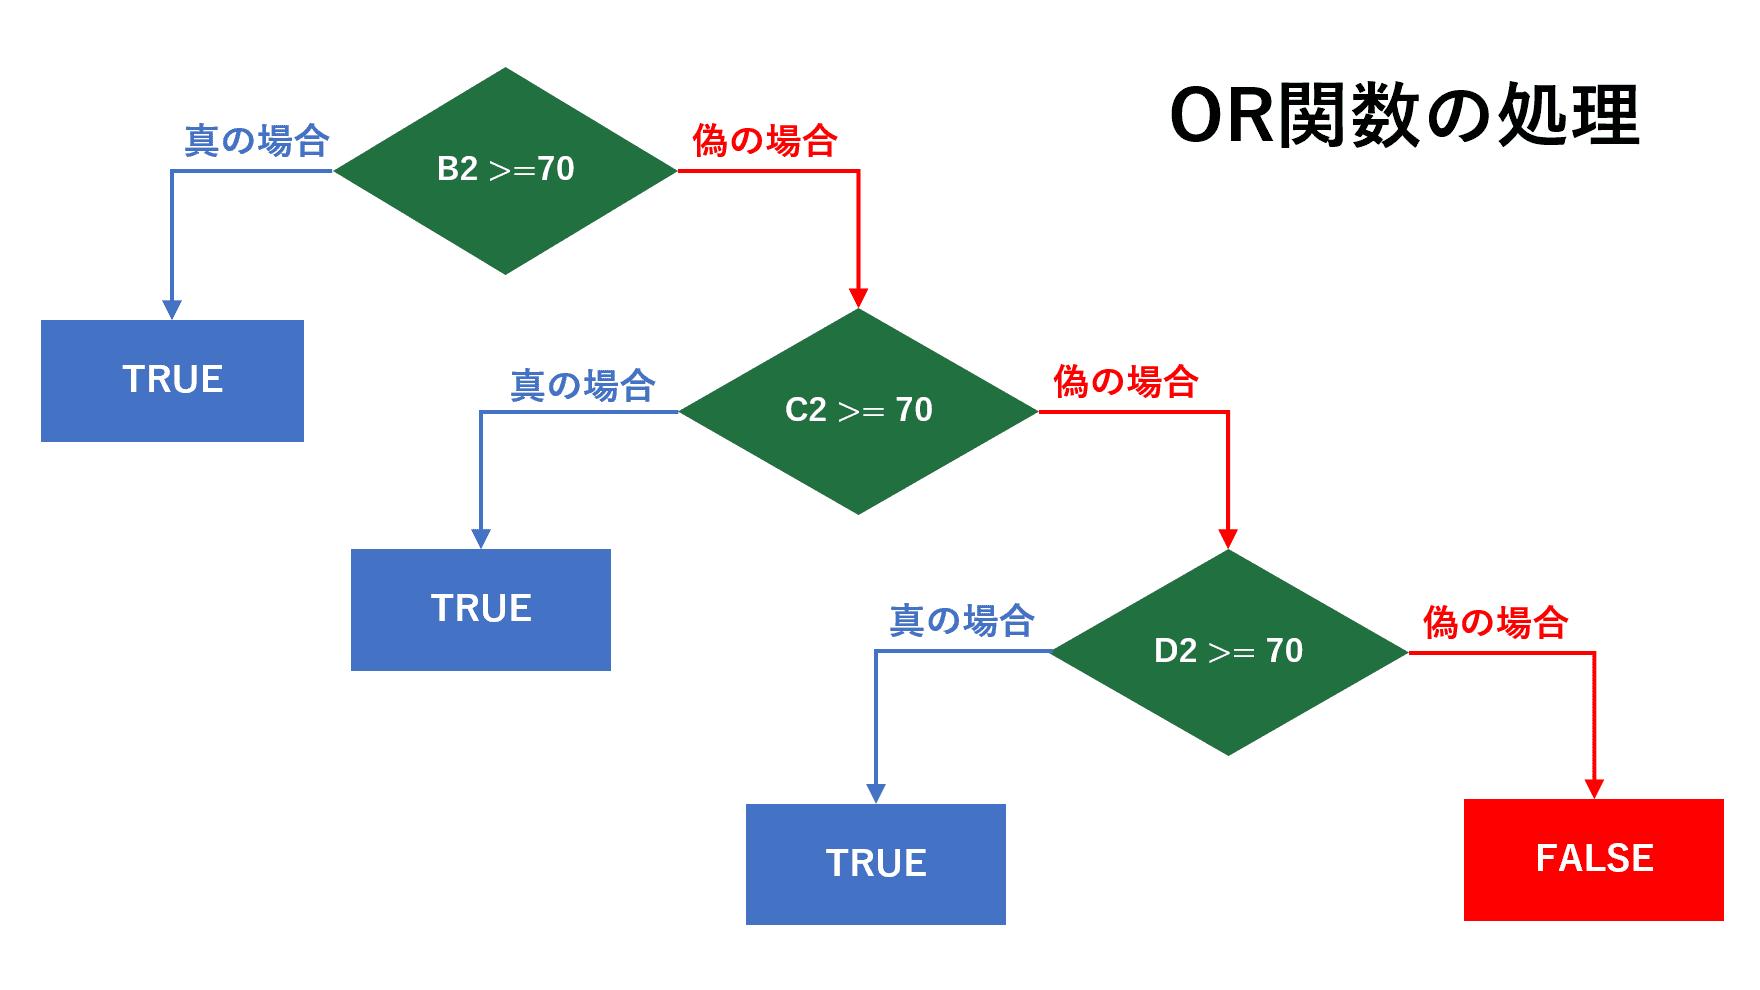 OR関数の処理の流れ